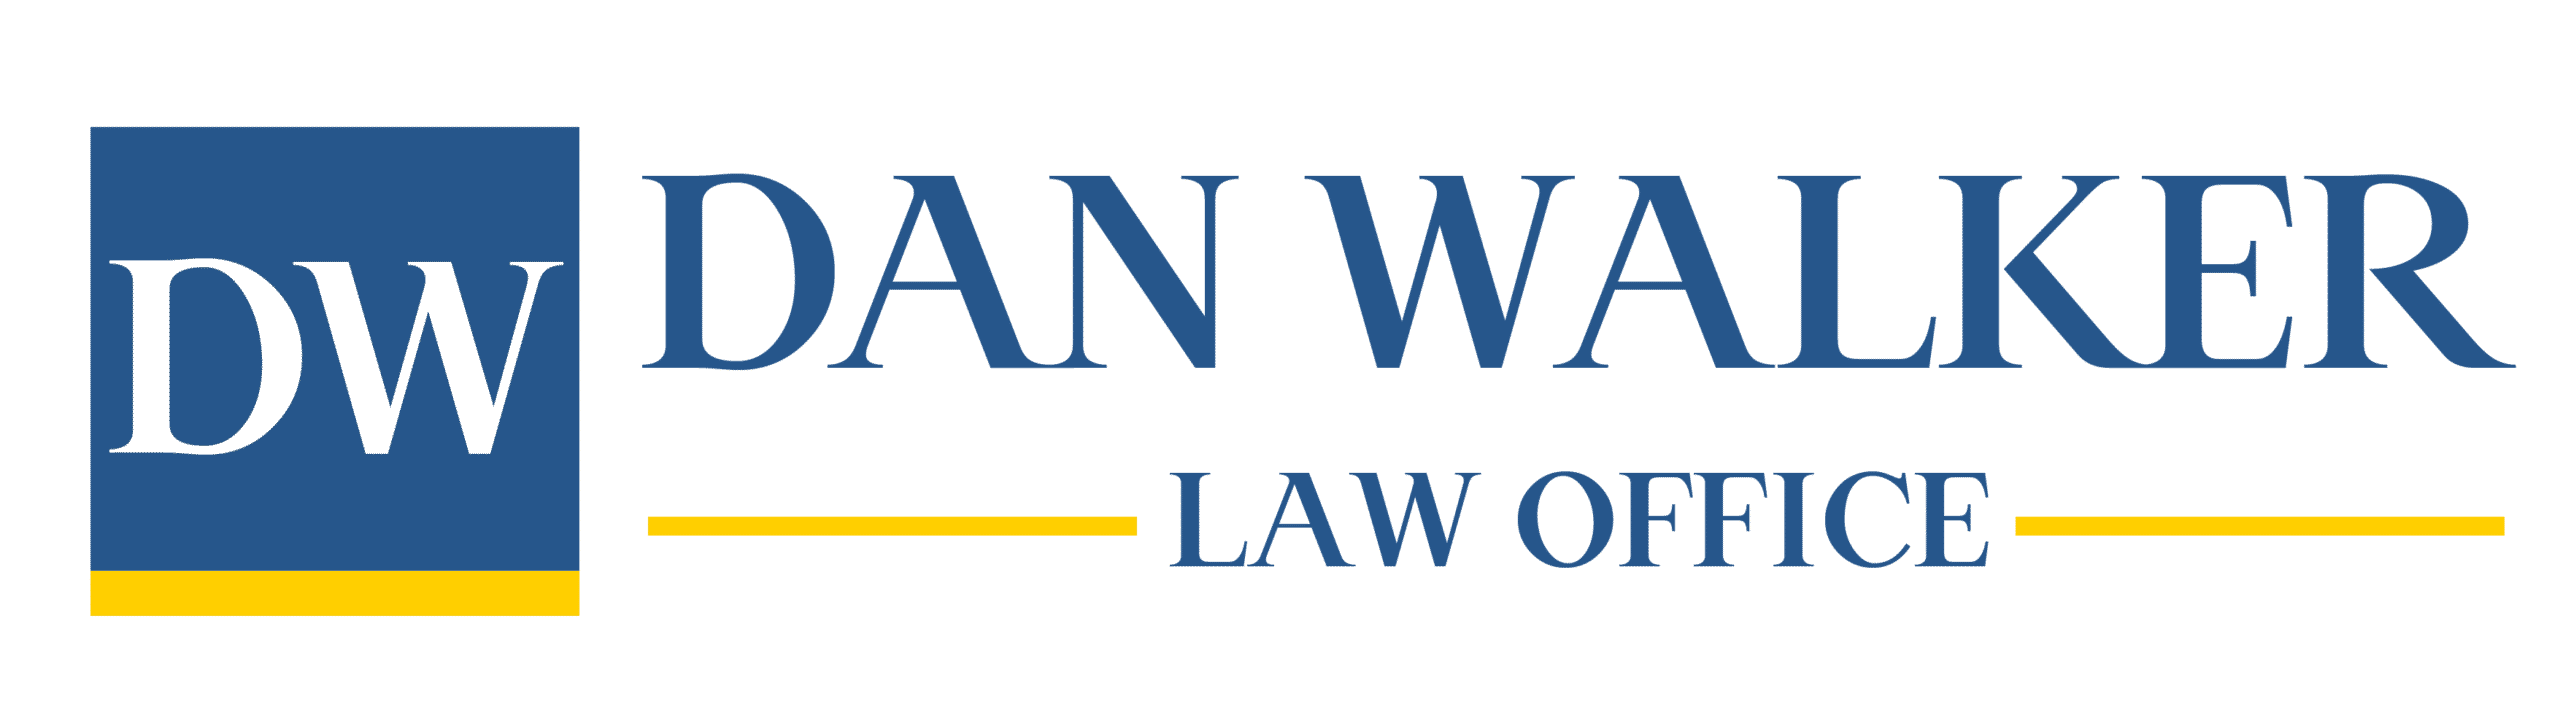 Dan Walker Law Office